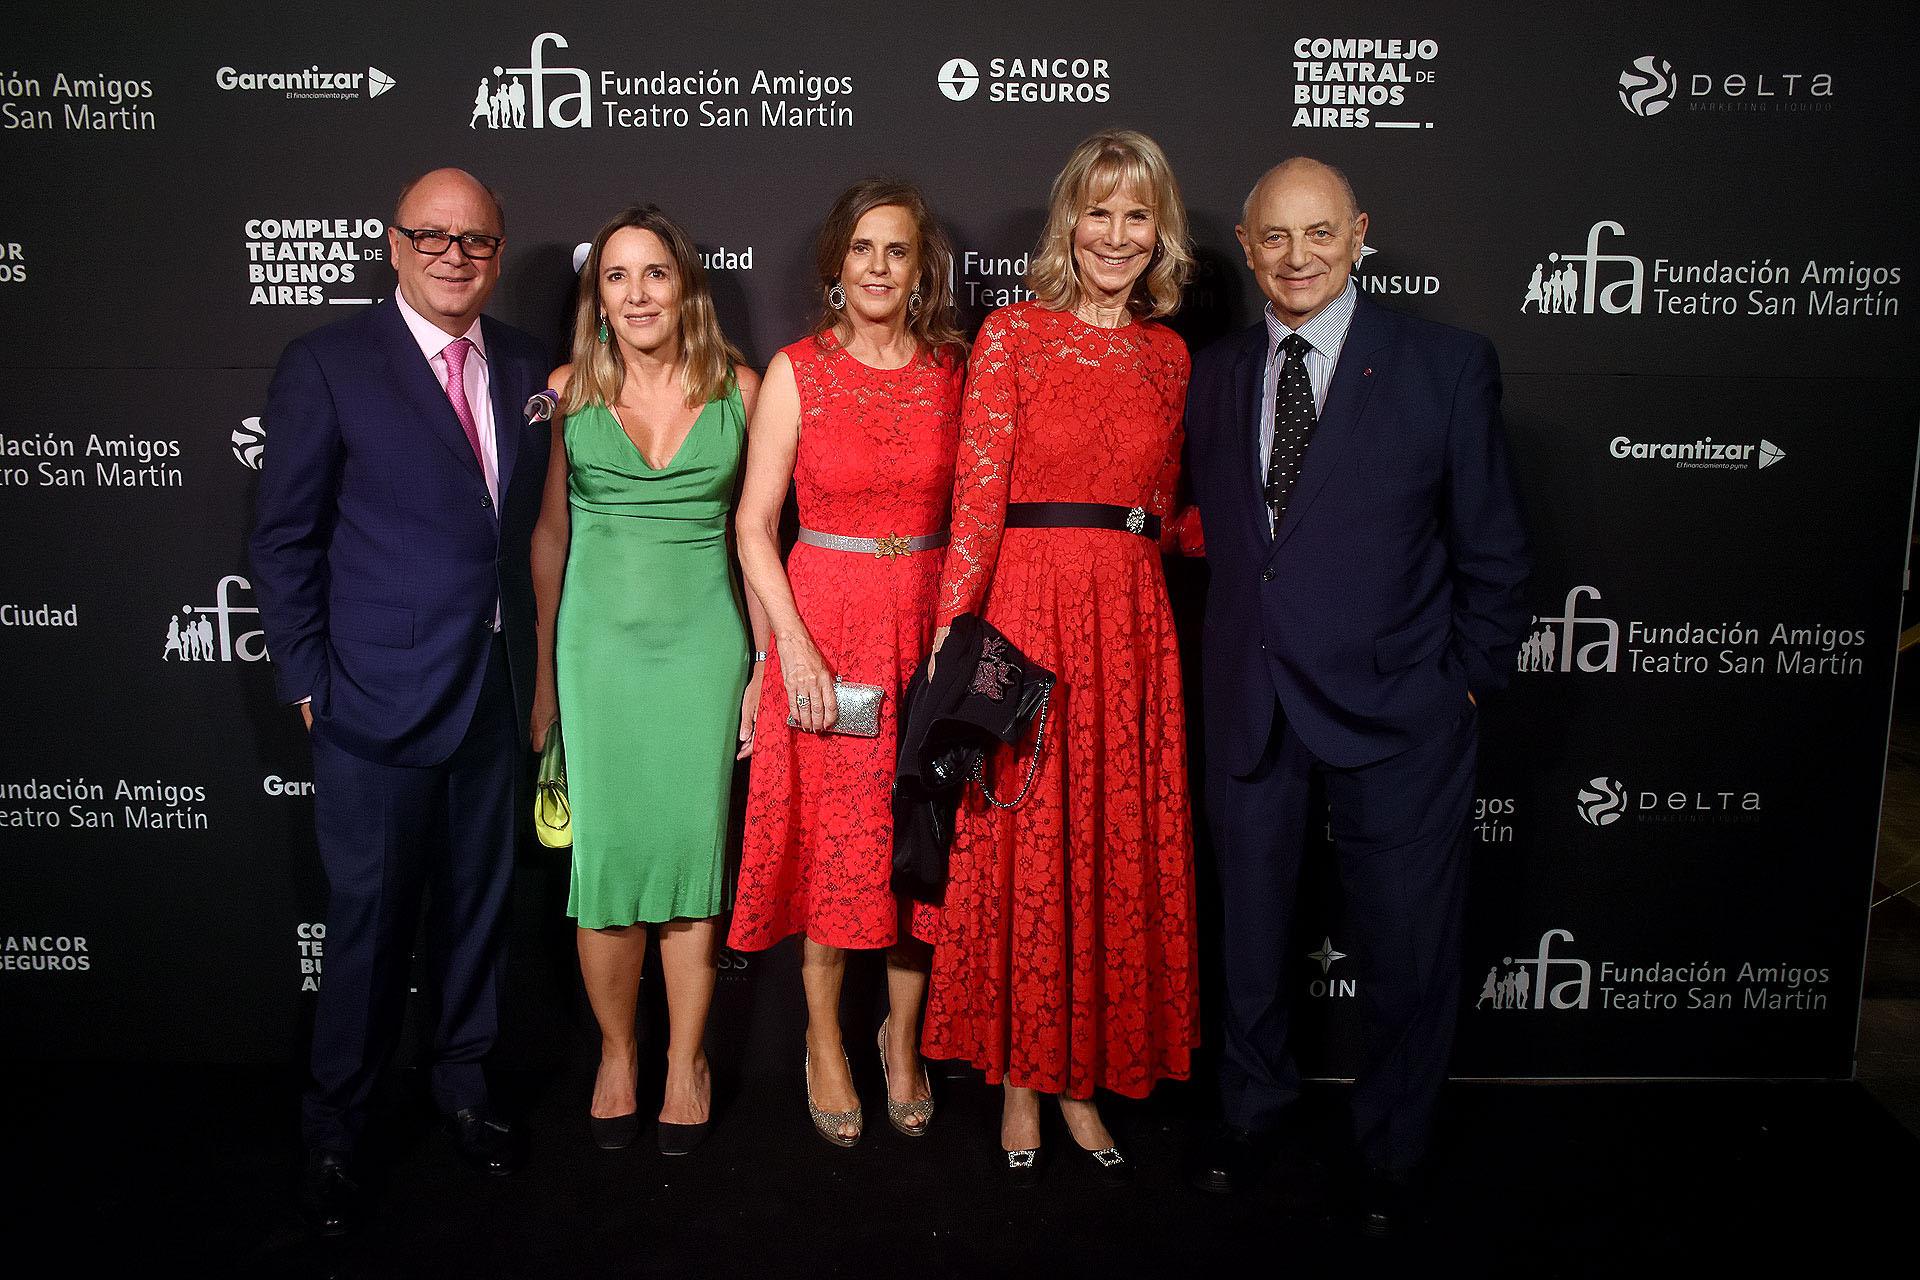 Martín Cabrales, Verónica Zoani de Nutting, Silvia Saravia de Neuss, Pompi Chopitea y Mauricio Wainrot